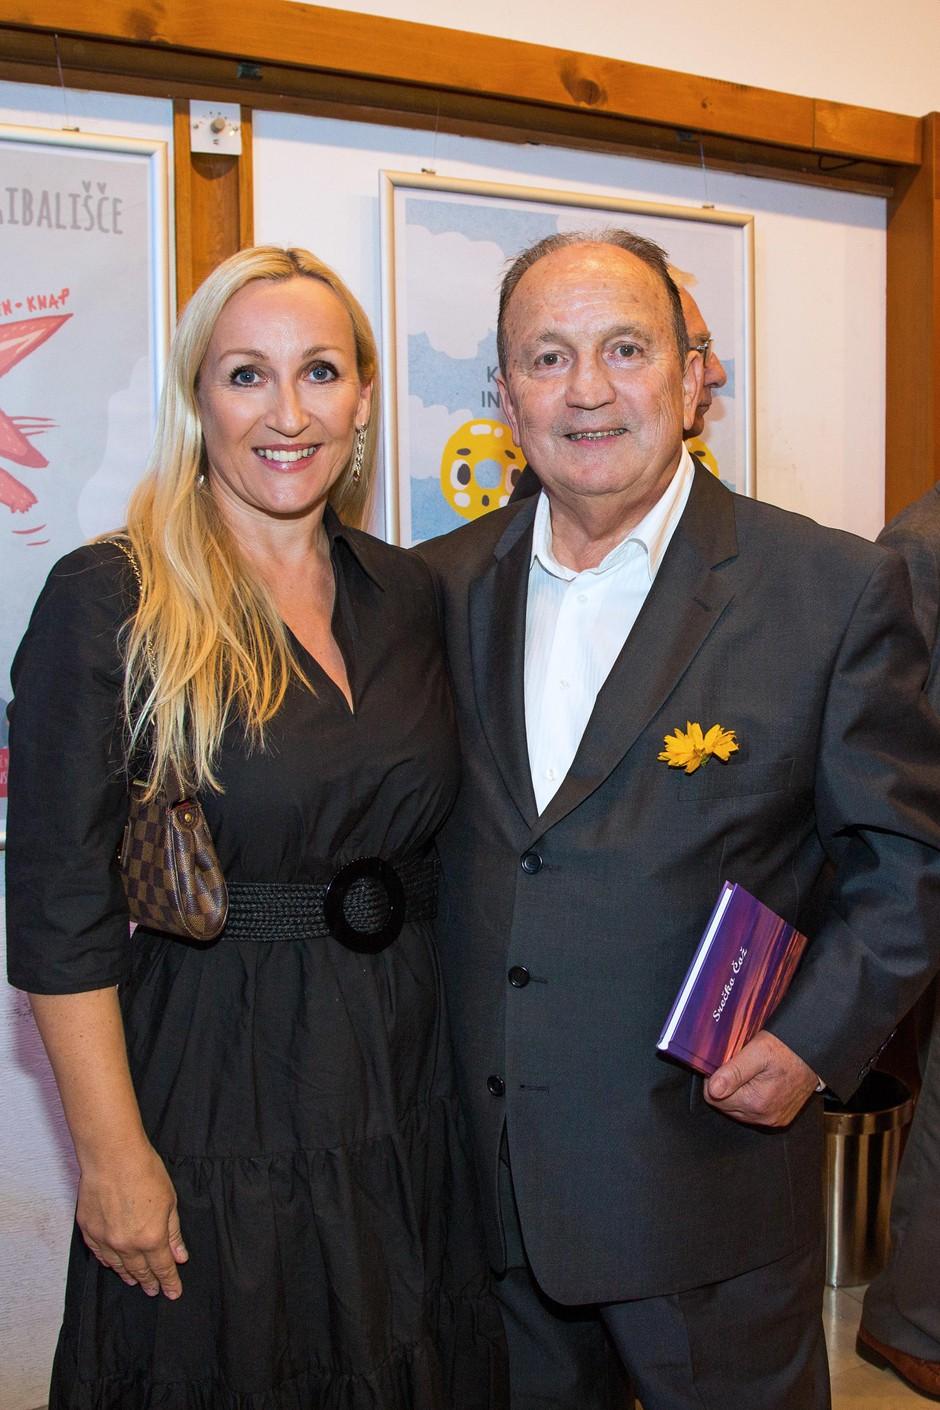 Avtor s hčerko Heleno Čož, ki je zelo ponosna nanj. (foto: Foto: Coz)